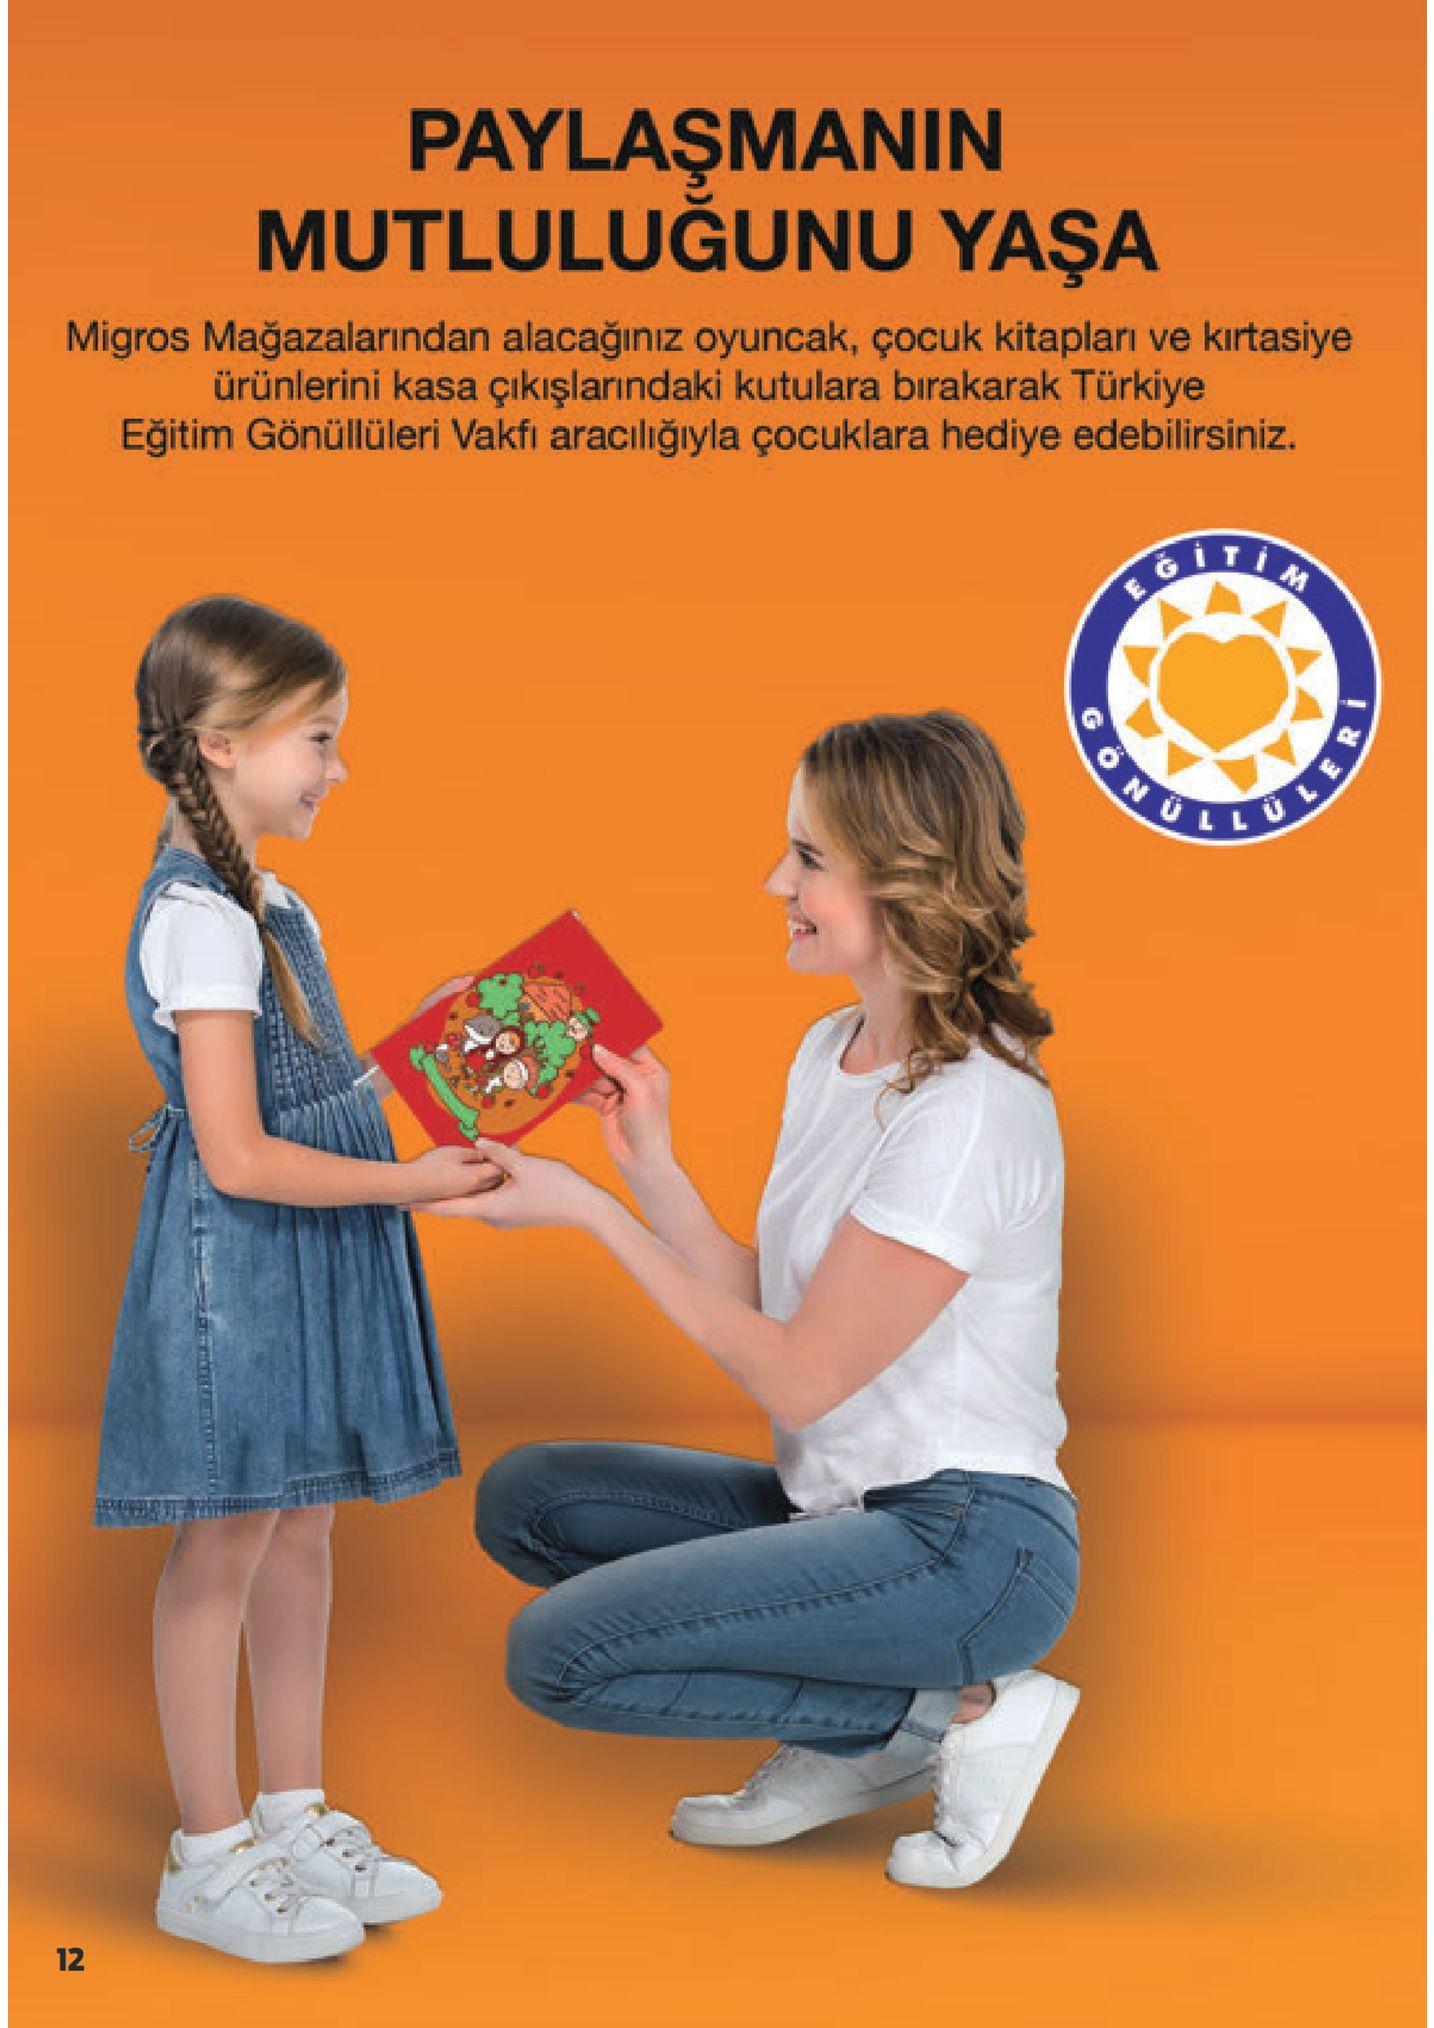 paylaşmanin mutluluğunu yaşa migros mağazalarından alacağınız oyuncak, çocuk kitapları ve kirtasiye ürünlerini kasa çıkışlarındaki kutulara bırakarak türkiye eğitim gönüllüleri vakfi aracilığıyla çocuklara hediye edebilirsiniz. 12